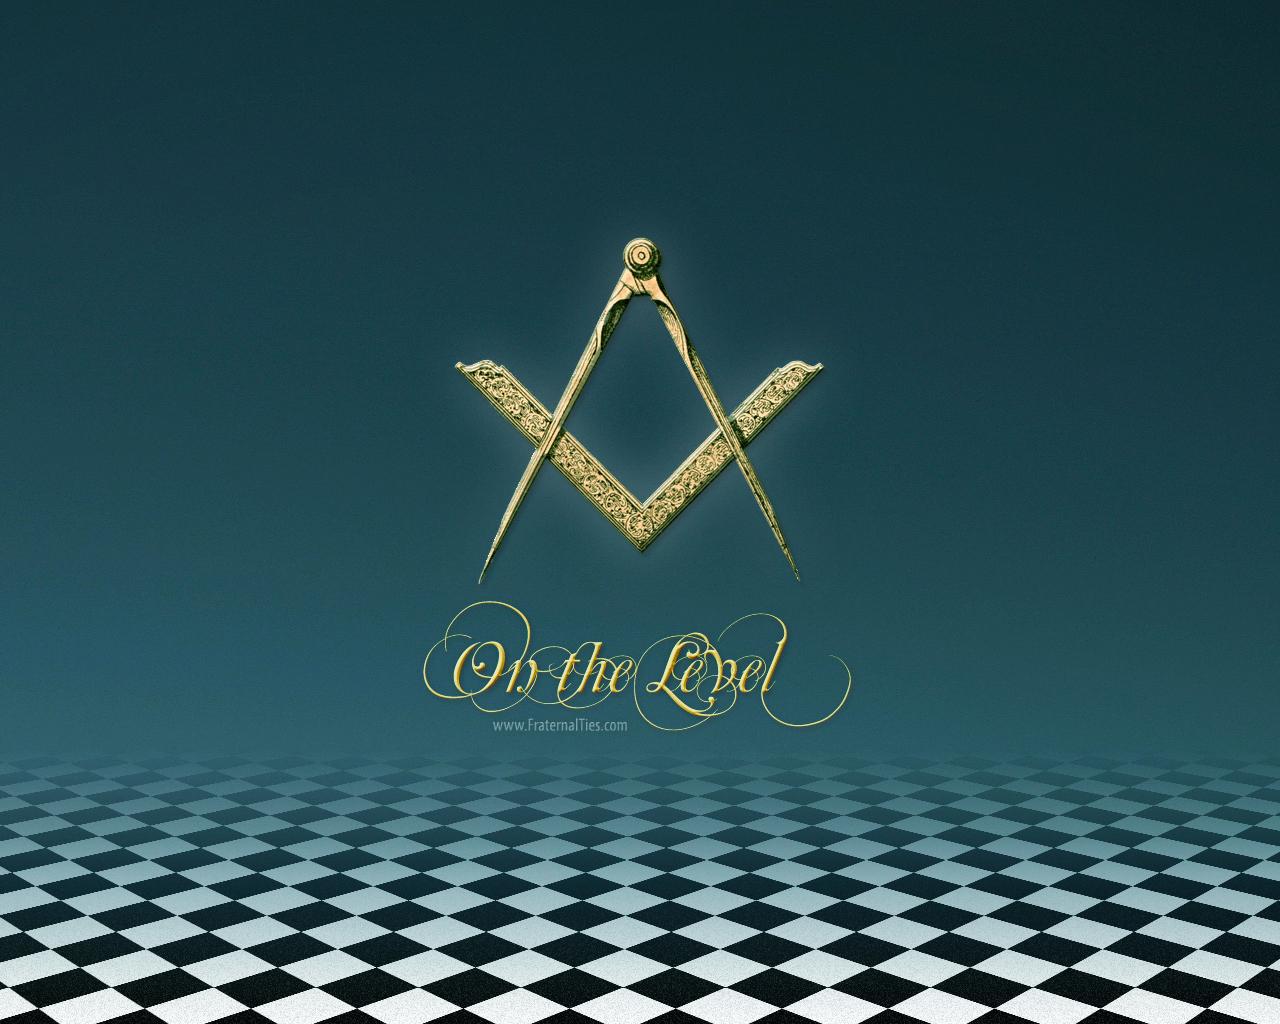 Masonic Fraternalties Neckties On The Level Freemason 1399434 1280 1280x1024